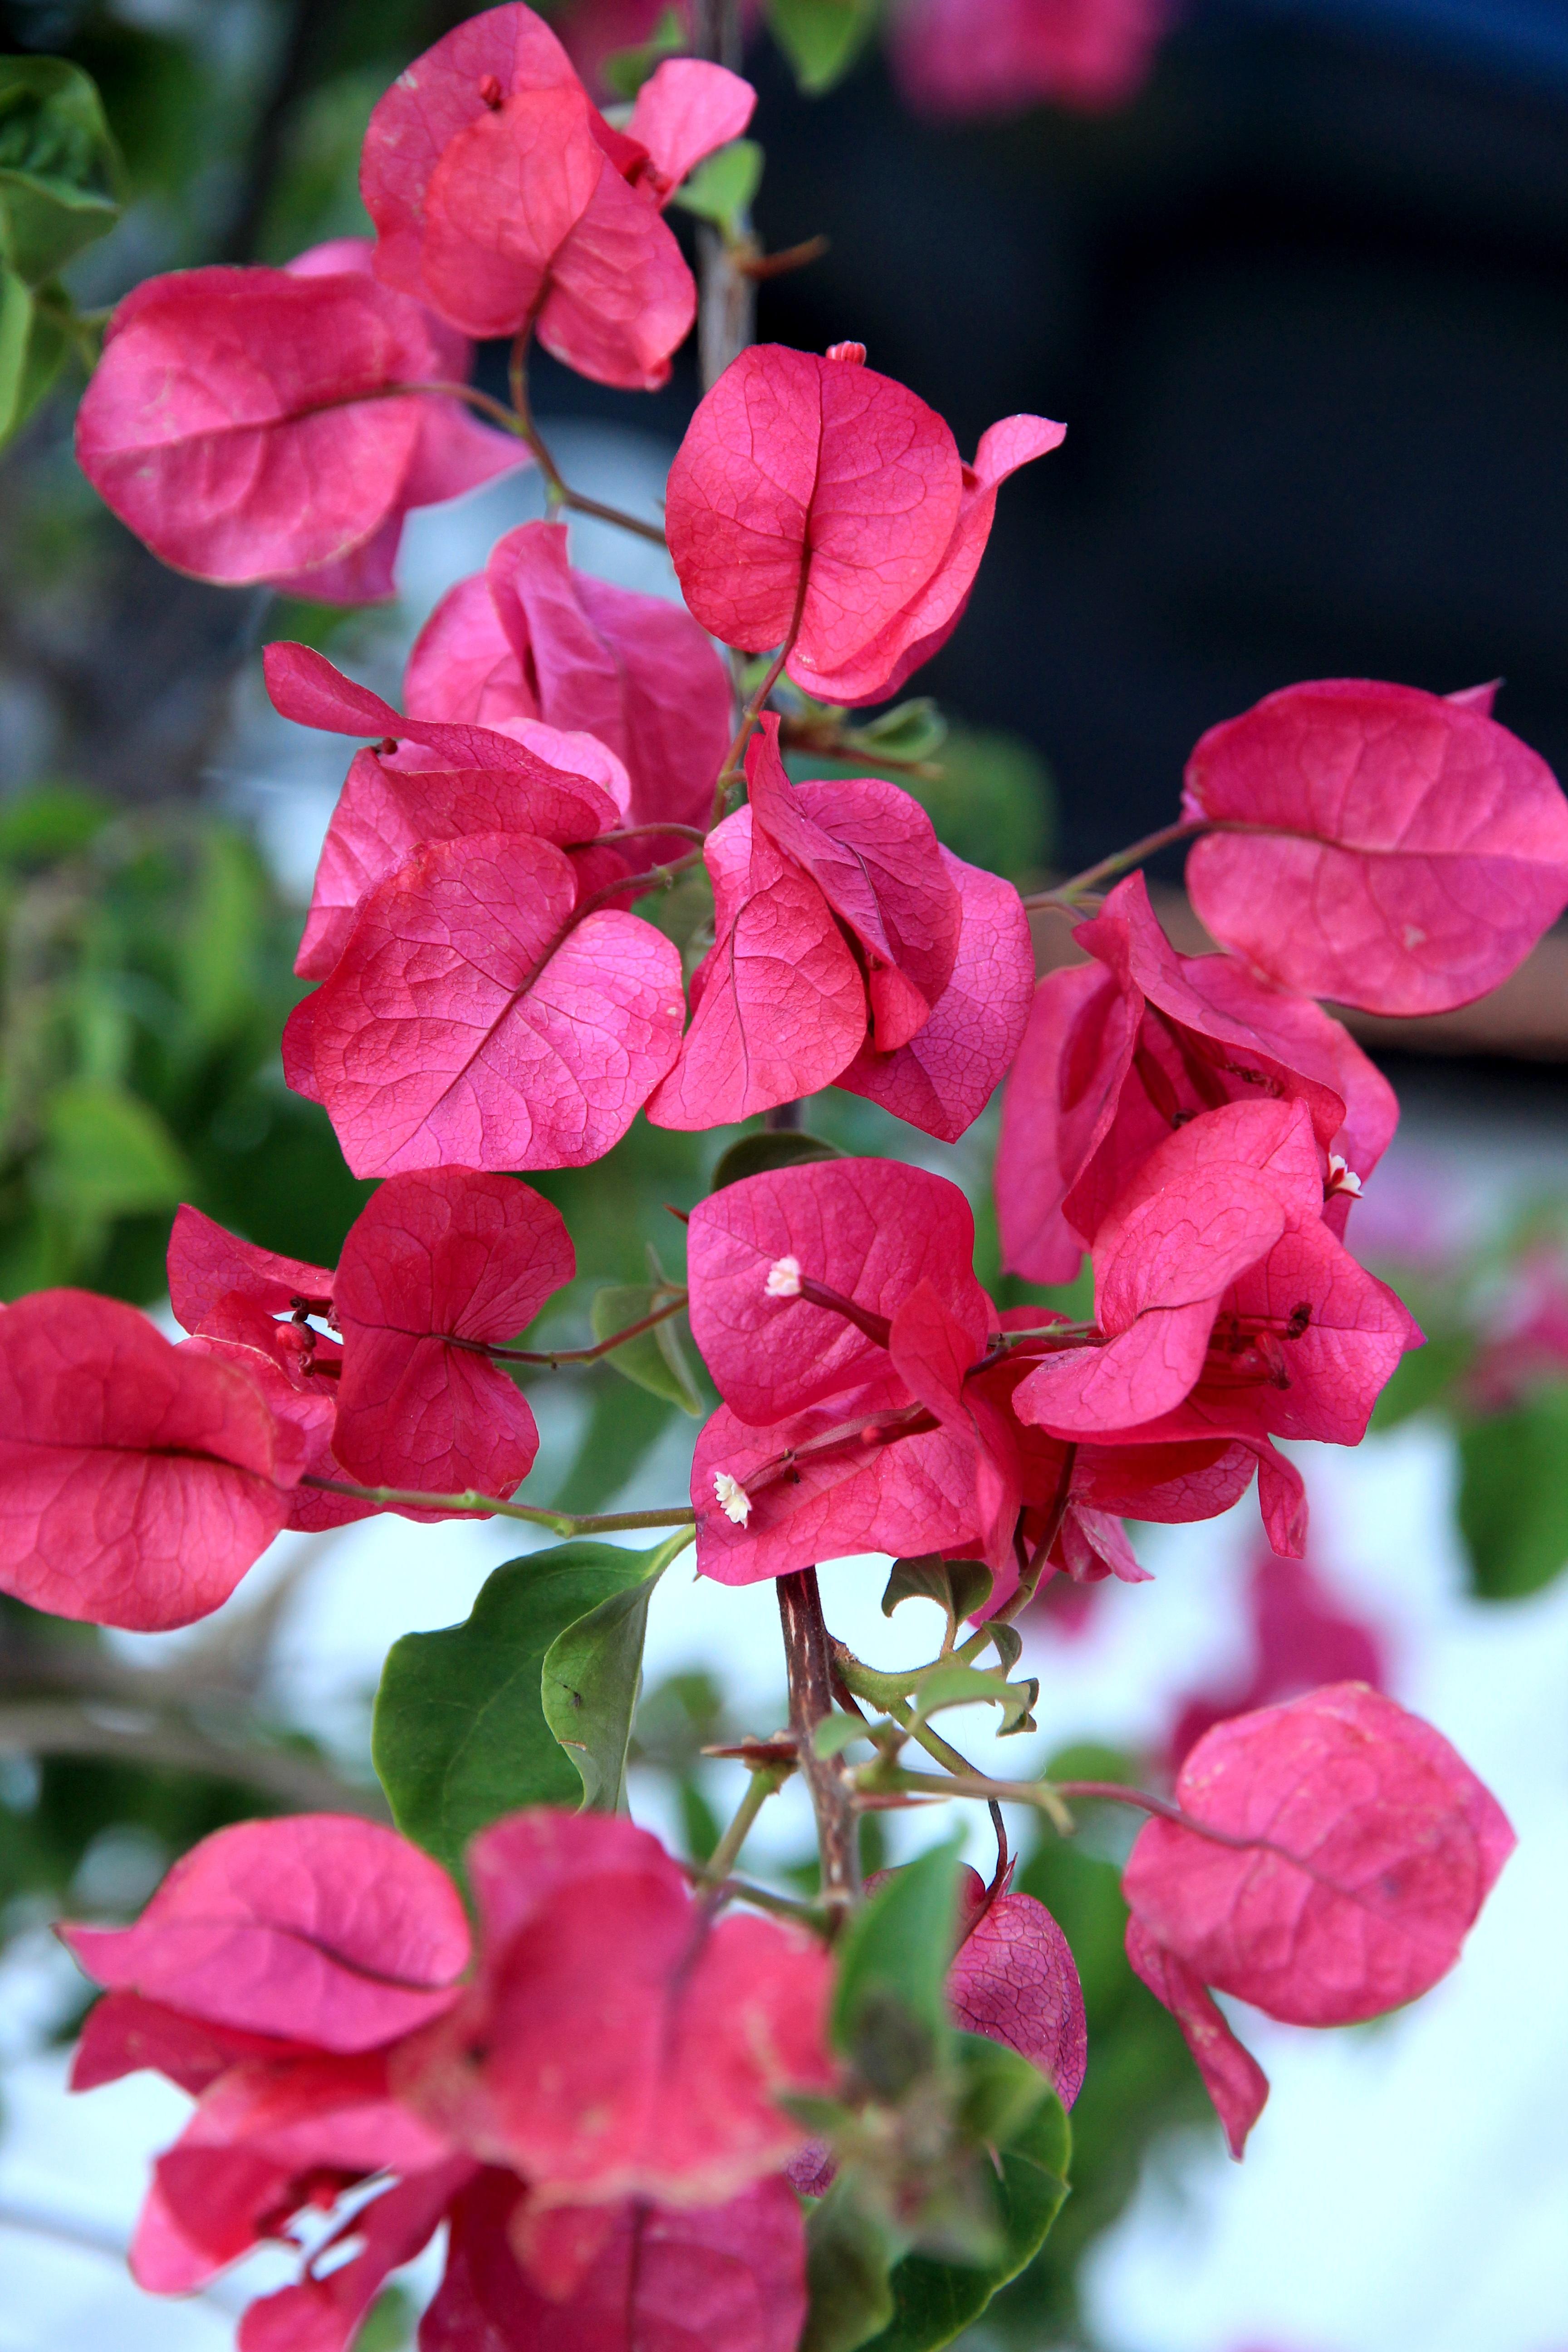 Free Images : blossom, leaf, flower, petal, bloom, red, botany, pink ...